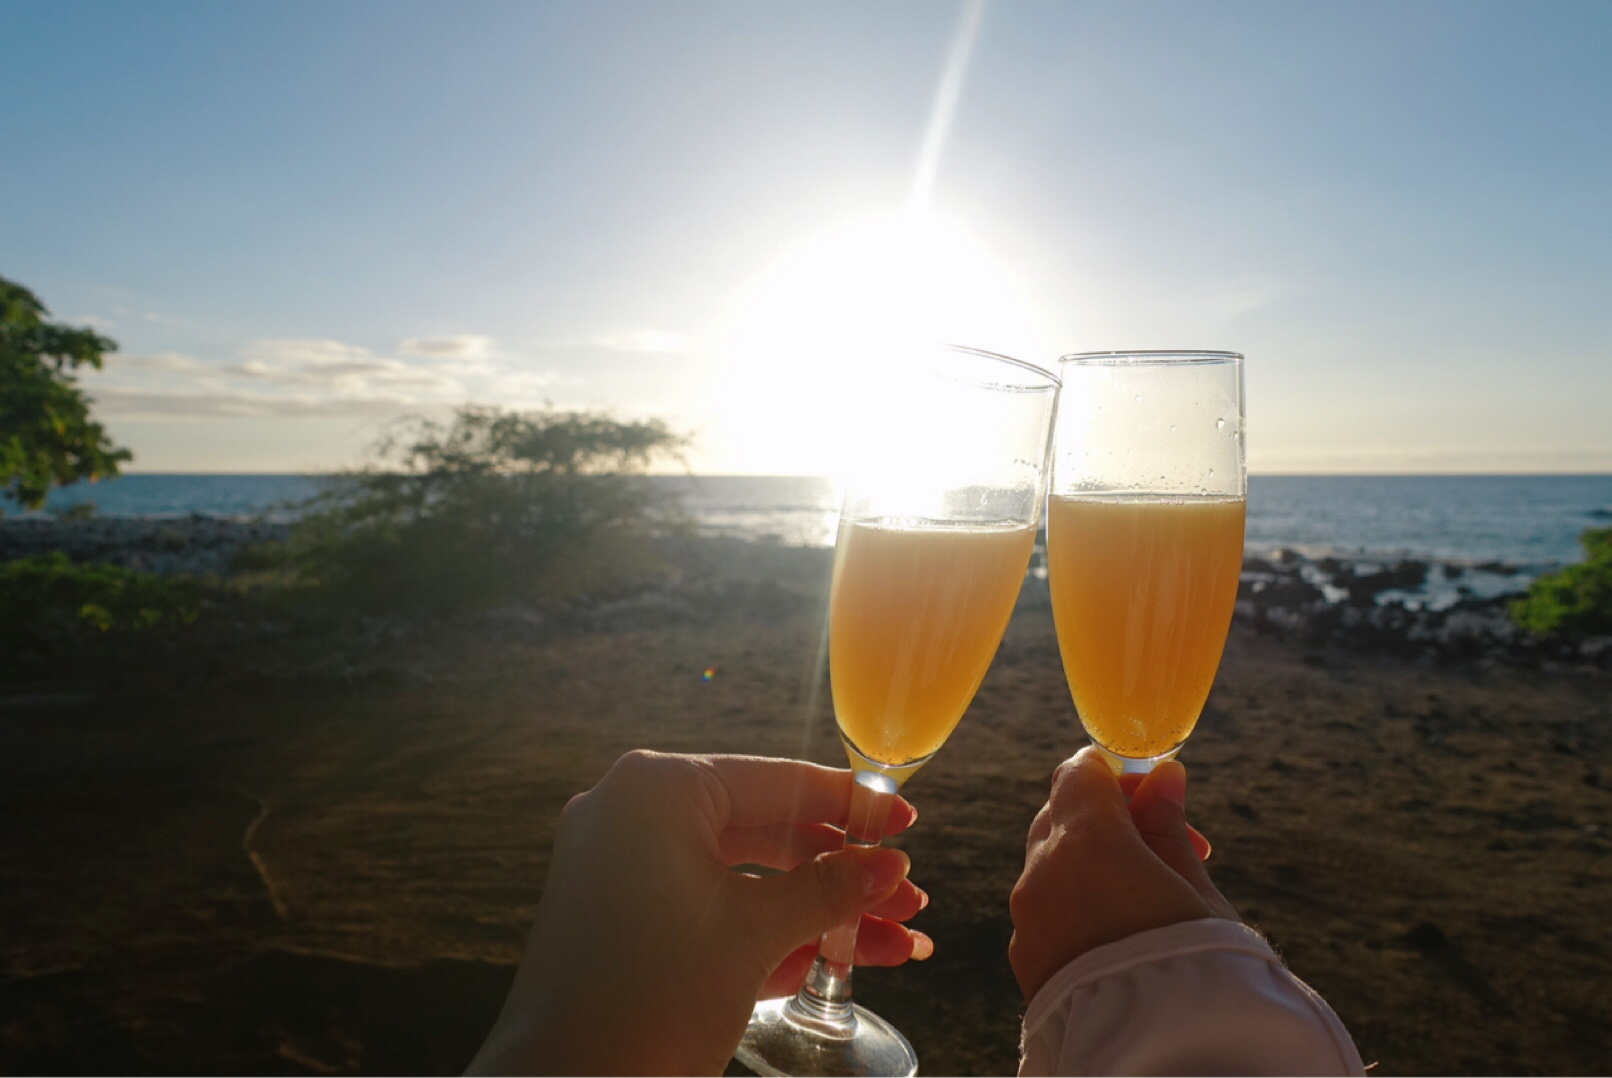 内なる女性性と男性性のエネルギ ーハワイ島レポ⑦